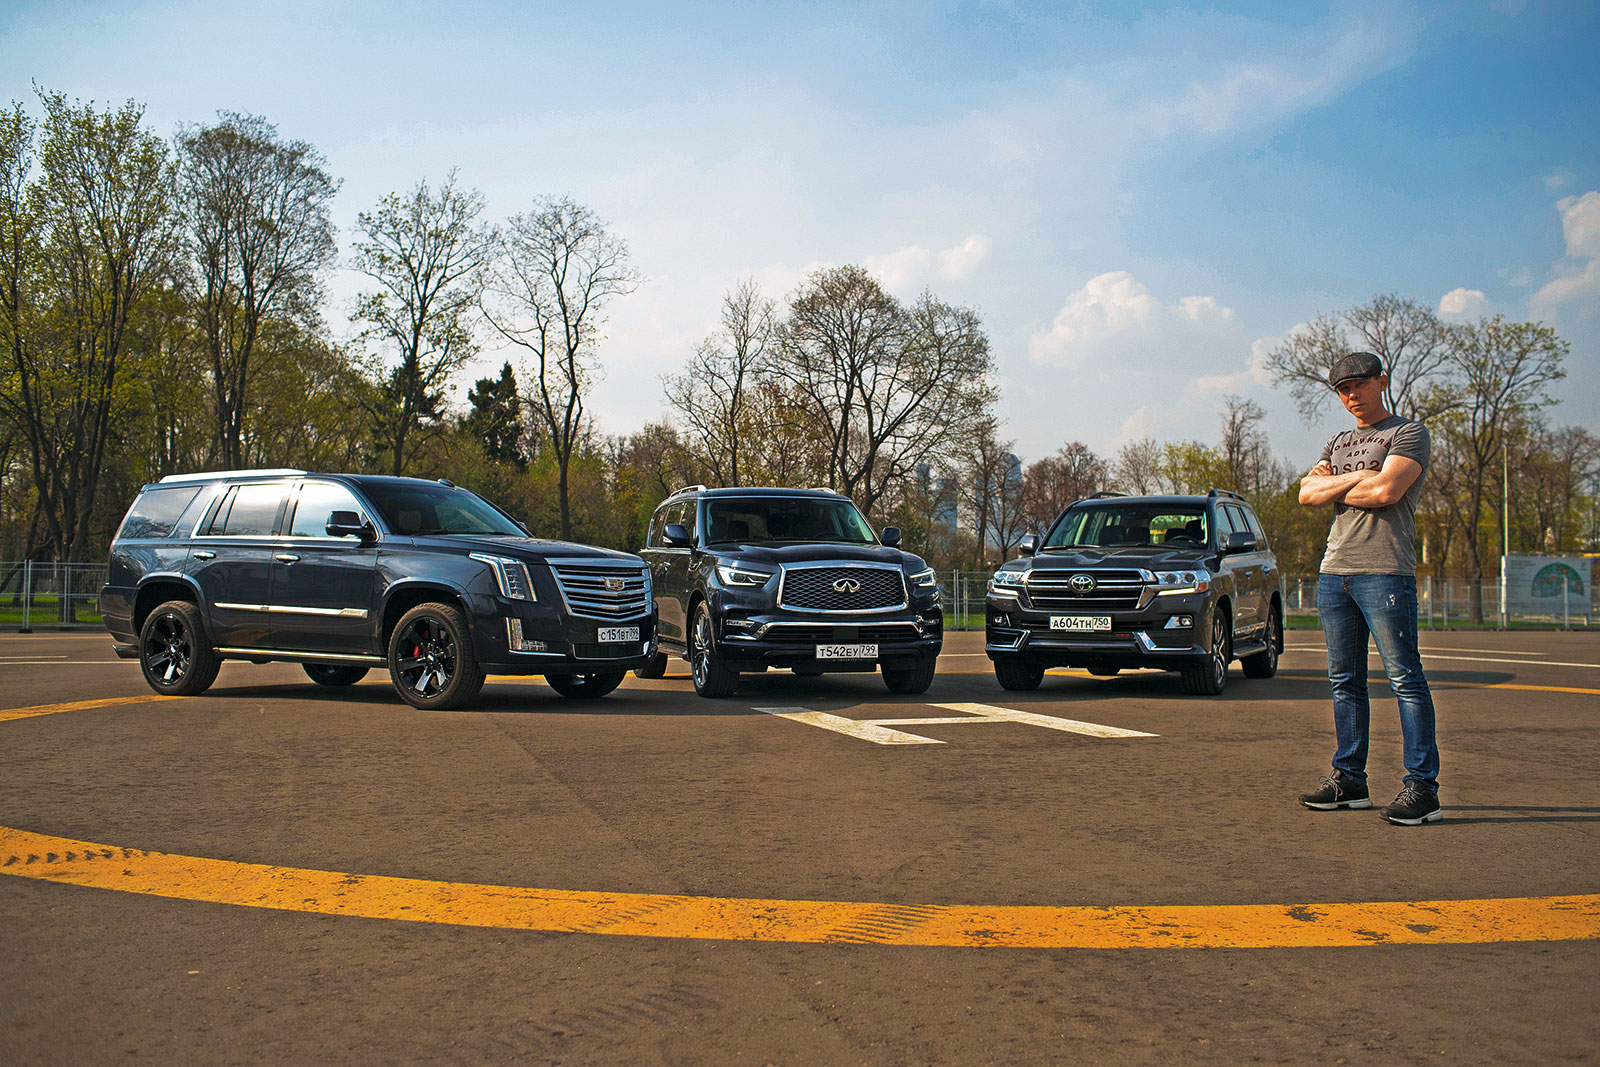 Toyota Land Cruiser 200 против Cadillac Escalade и Infiniti QX80. Выбираем комфортный рамный внедорожник